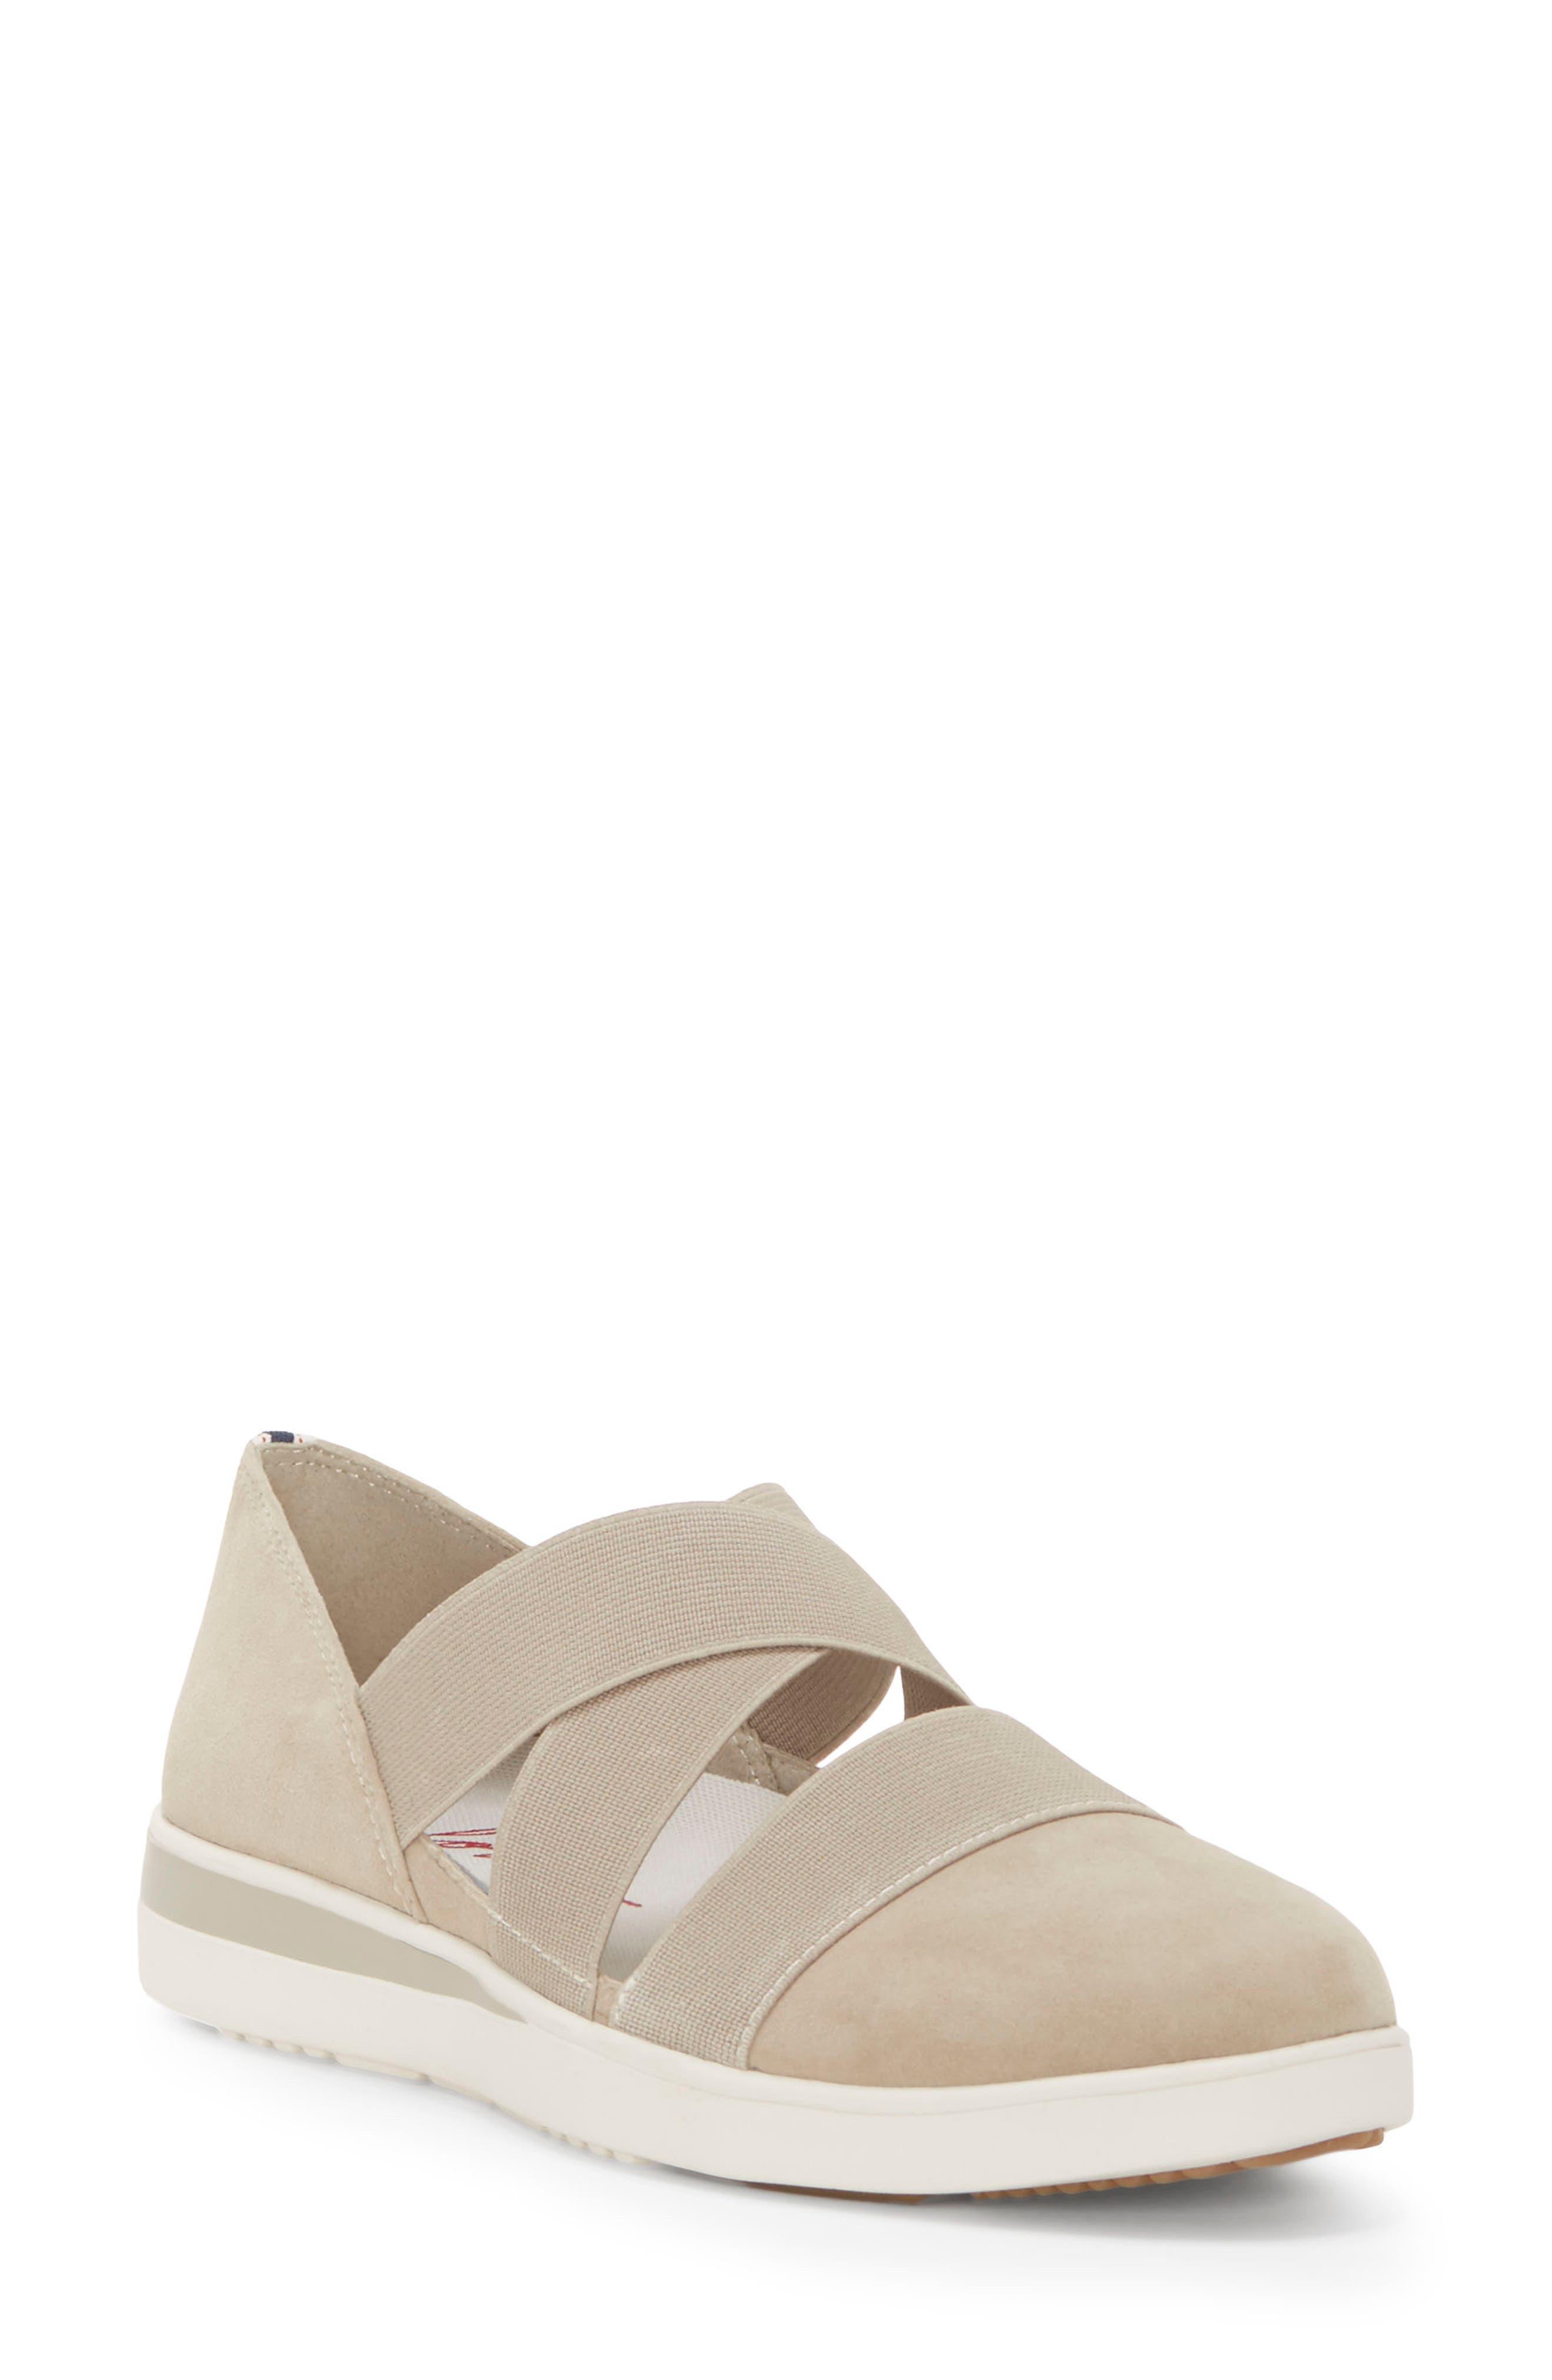 Alskara Slip-On Sneaker Flat,                         Main,                         color, BRINDLE SUEDE